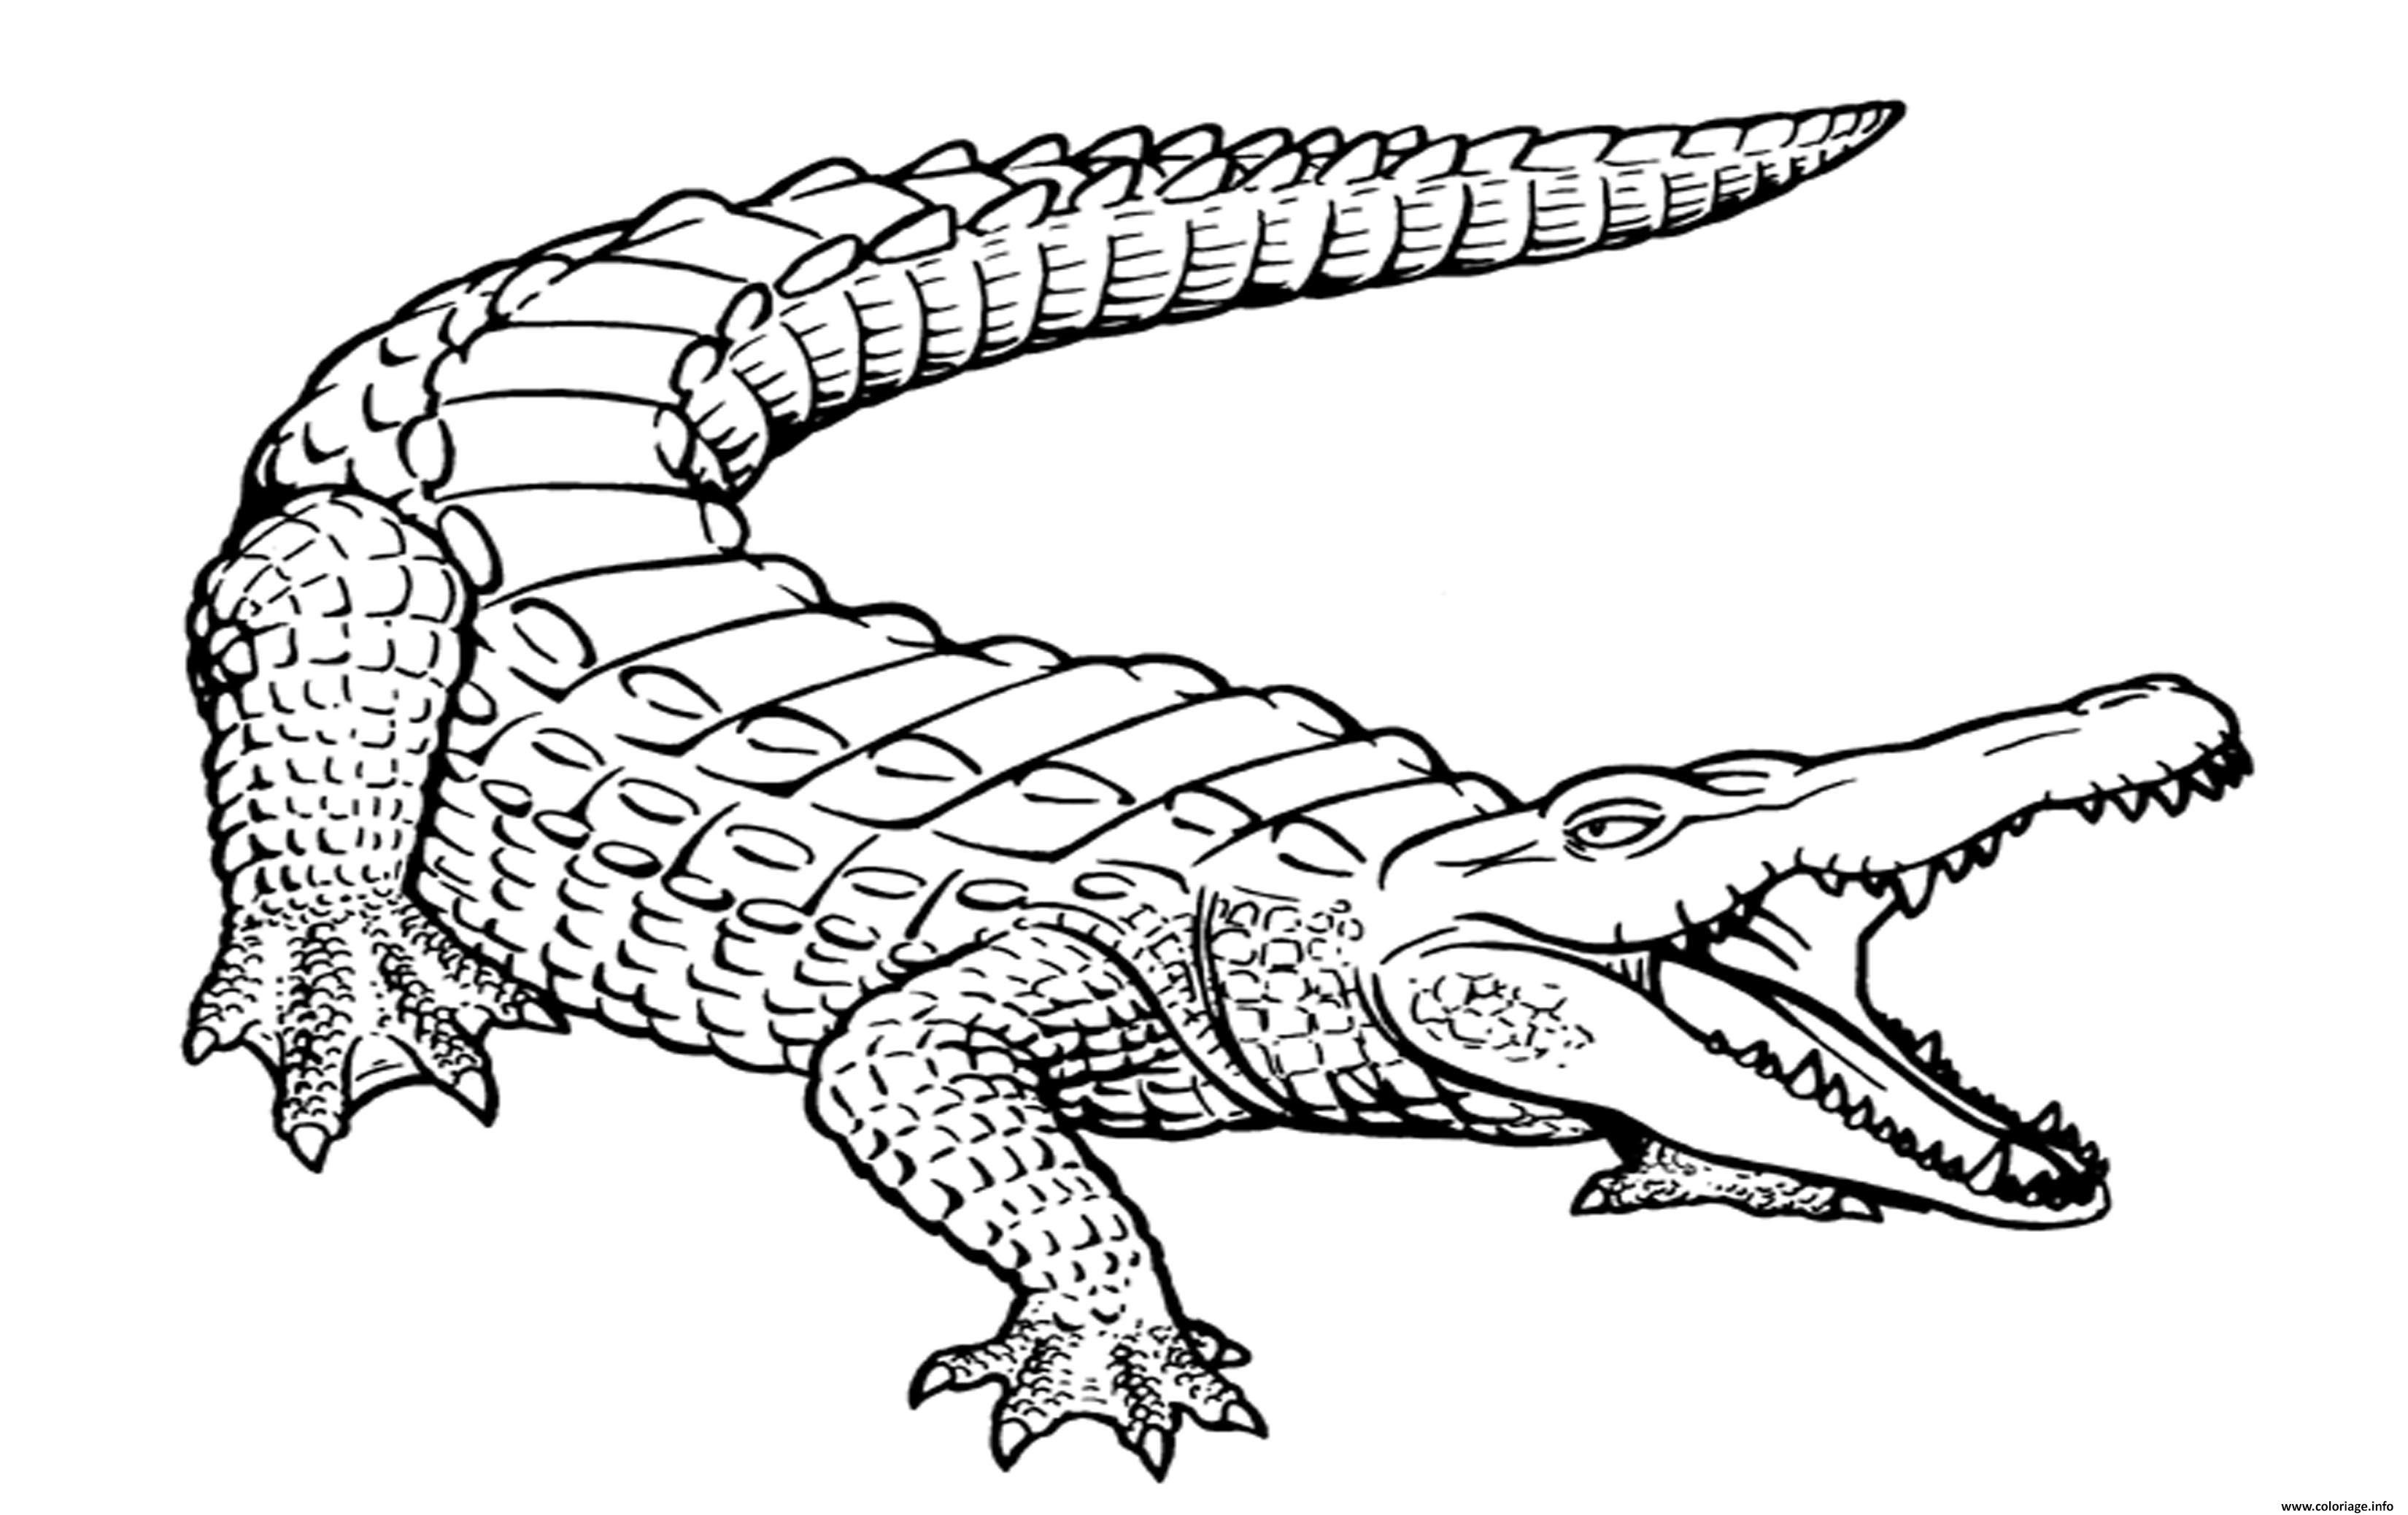 Coloriage Crocodile Marin Realiste Avec La Bouche Ouverte Dessin Crocodile A Imprimer